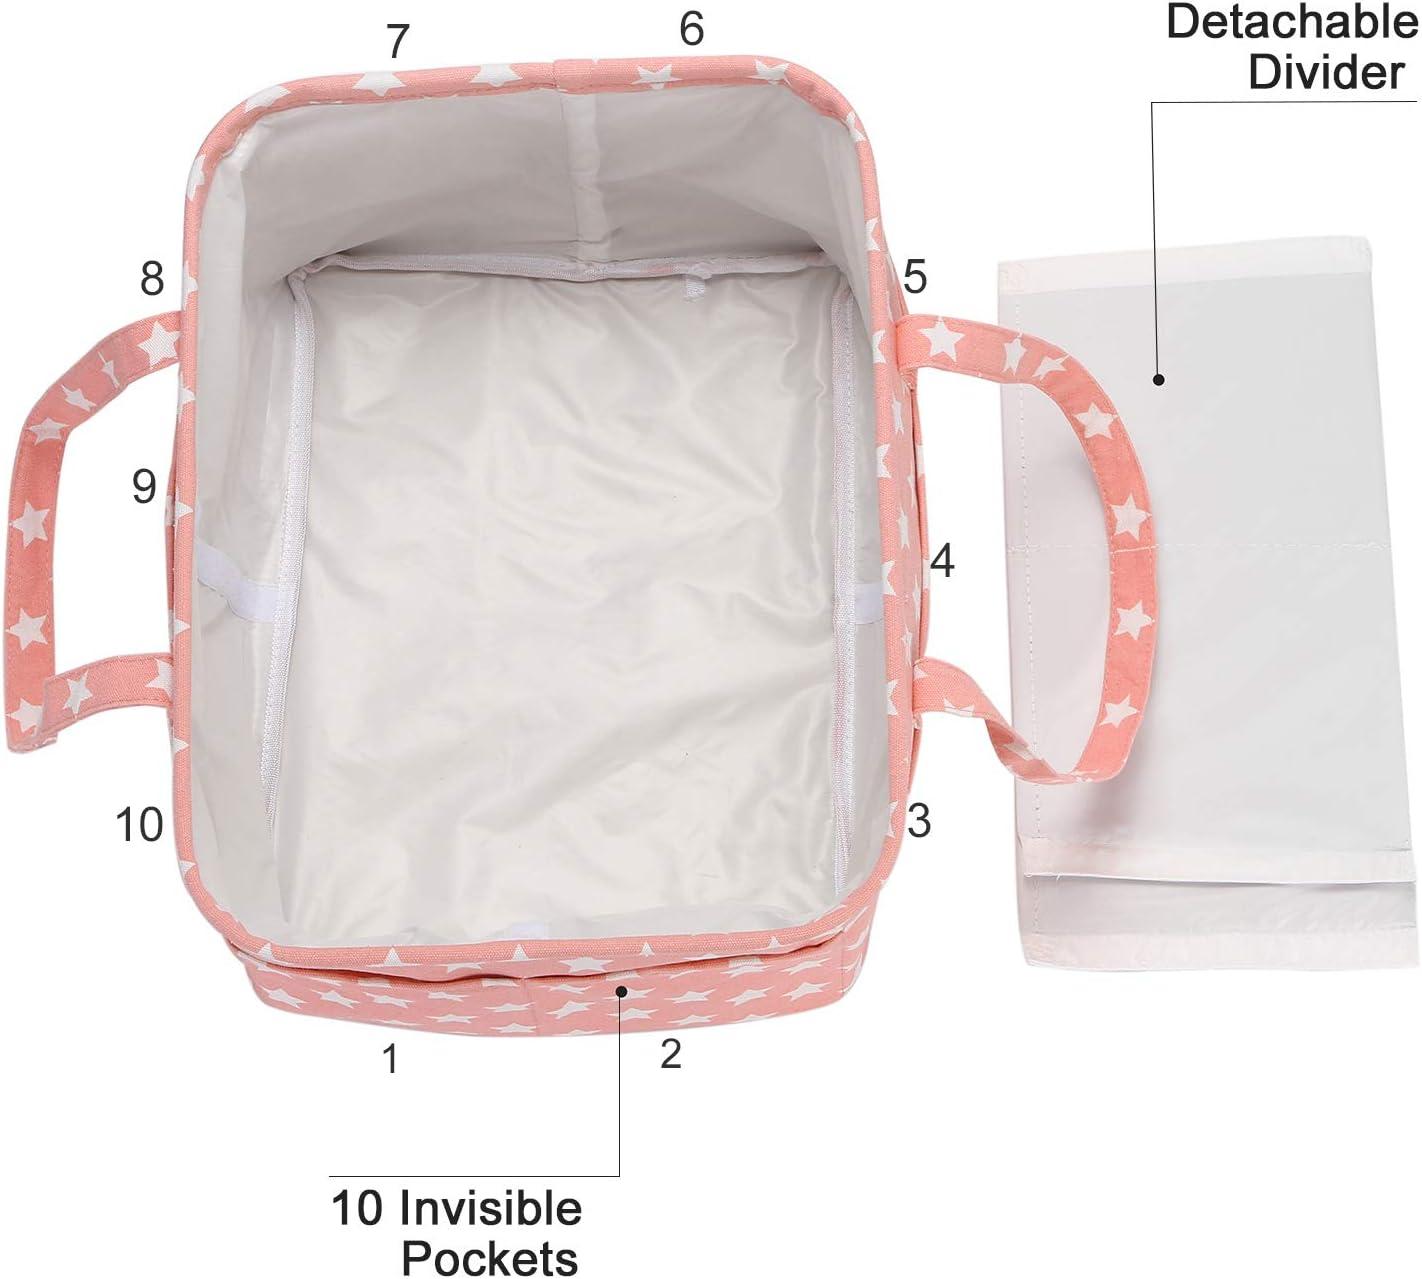 3 compartimentos organizador port/átil para el coche cesta de regalo para reci/én nacidos con divisor desmontable y 10 bolsillos invisibles pa/ñales y toallitas Cesta para pa/ñales de beb/é Hinwo